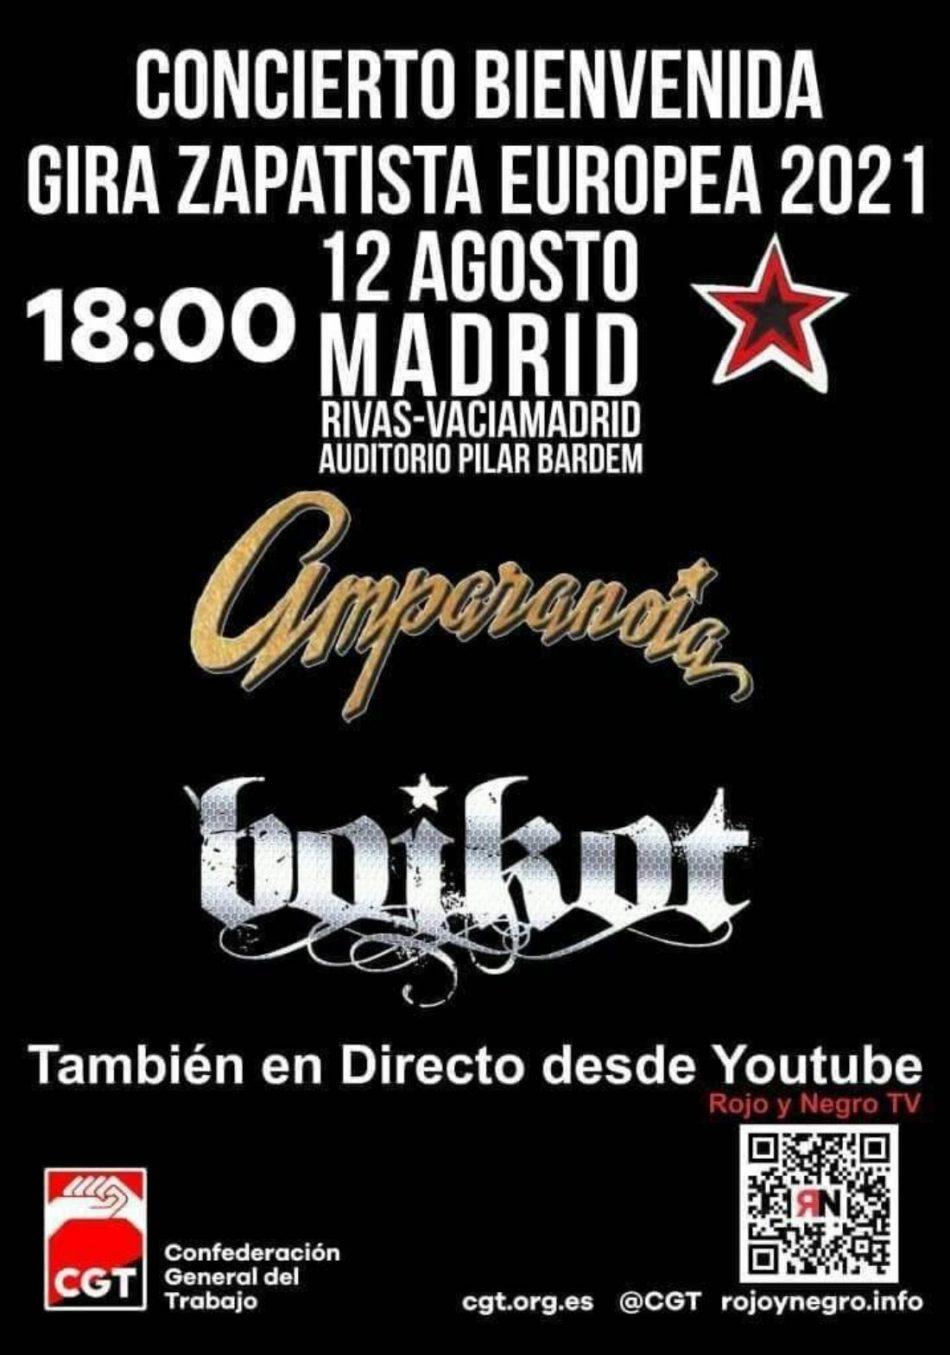 Concierto bienvenida Gira Zapatista Europea 2021: 12 de agosto en el Auditorio Pilar Bardem de Rivas Vaciamadrid